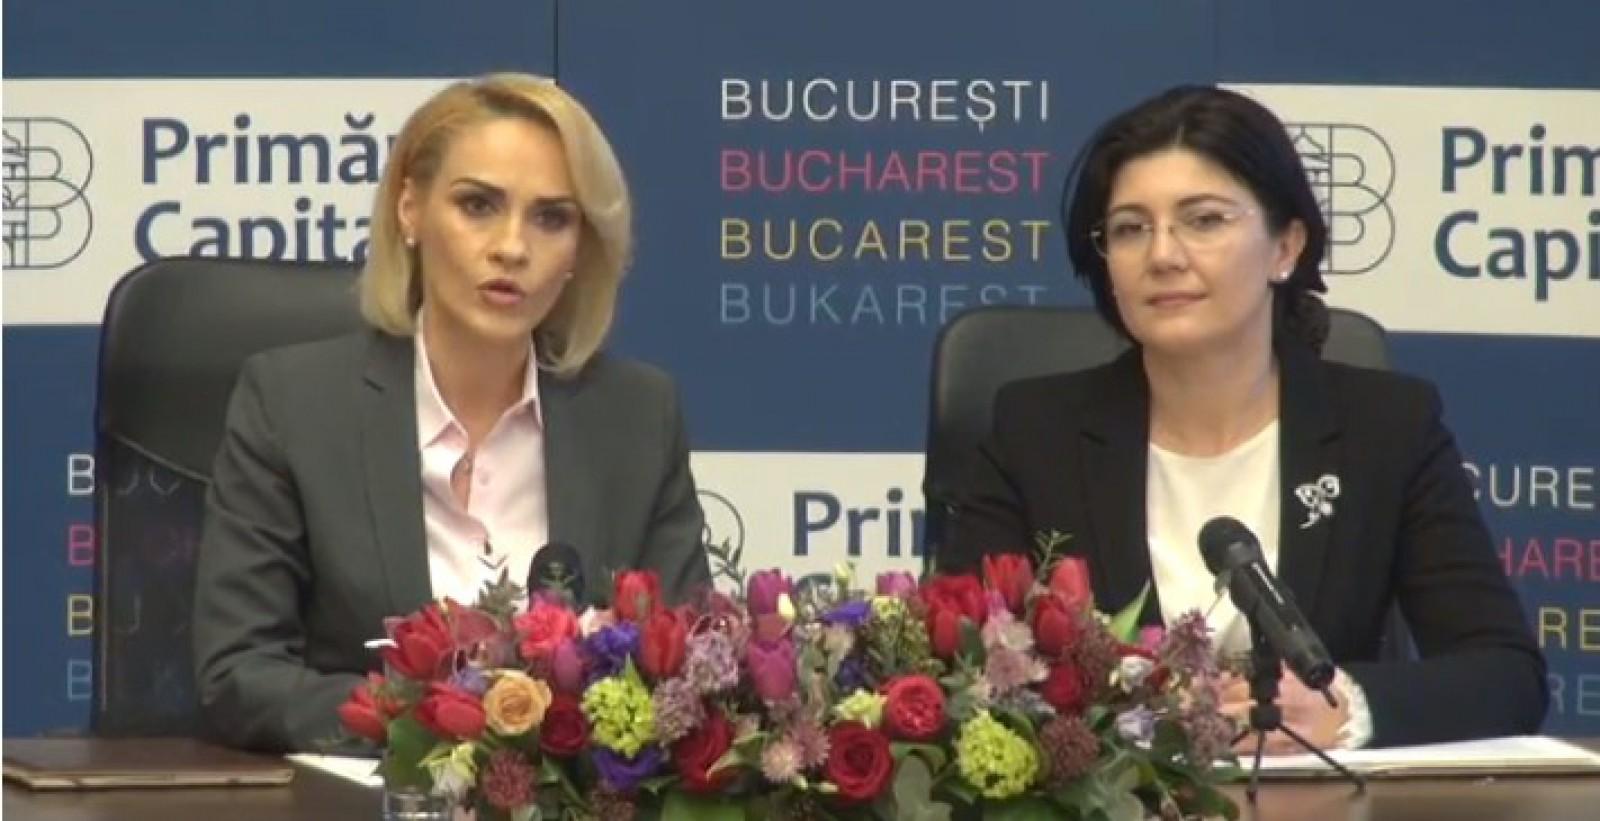 (video/update) Gabriela Firea și Silvia Radu susțin o conferință de presă la București: Românii vor dona două autobuze pentru capitală